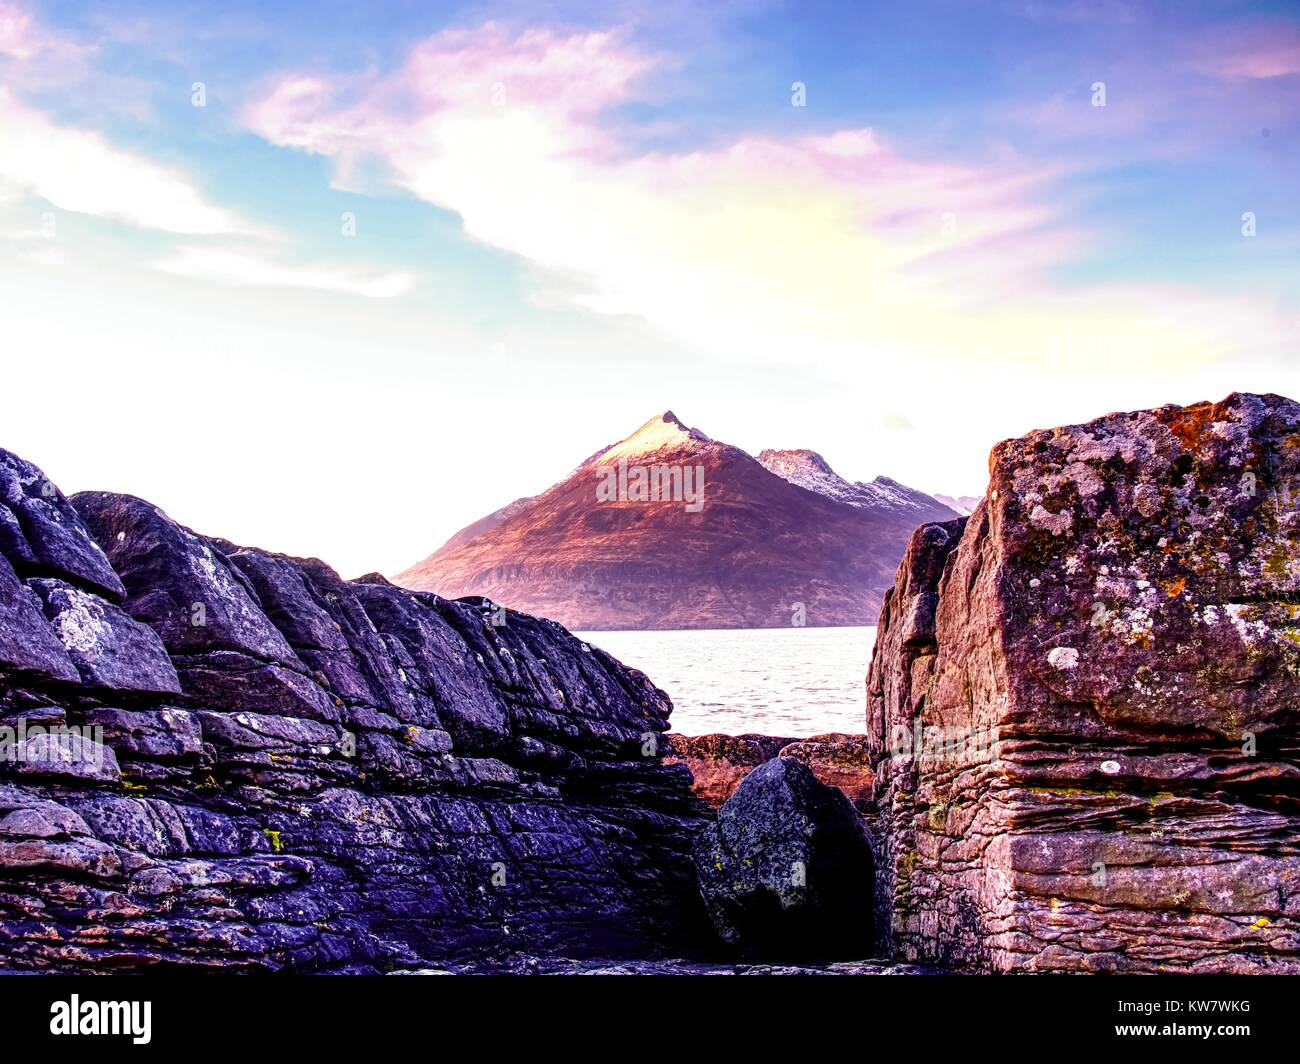 La playa de grava y acantilado rocoso de Bahía. Los tonos azules de febrero sunset, Rosa horizonte. Dark slipery Imagen De Stock